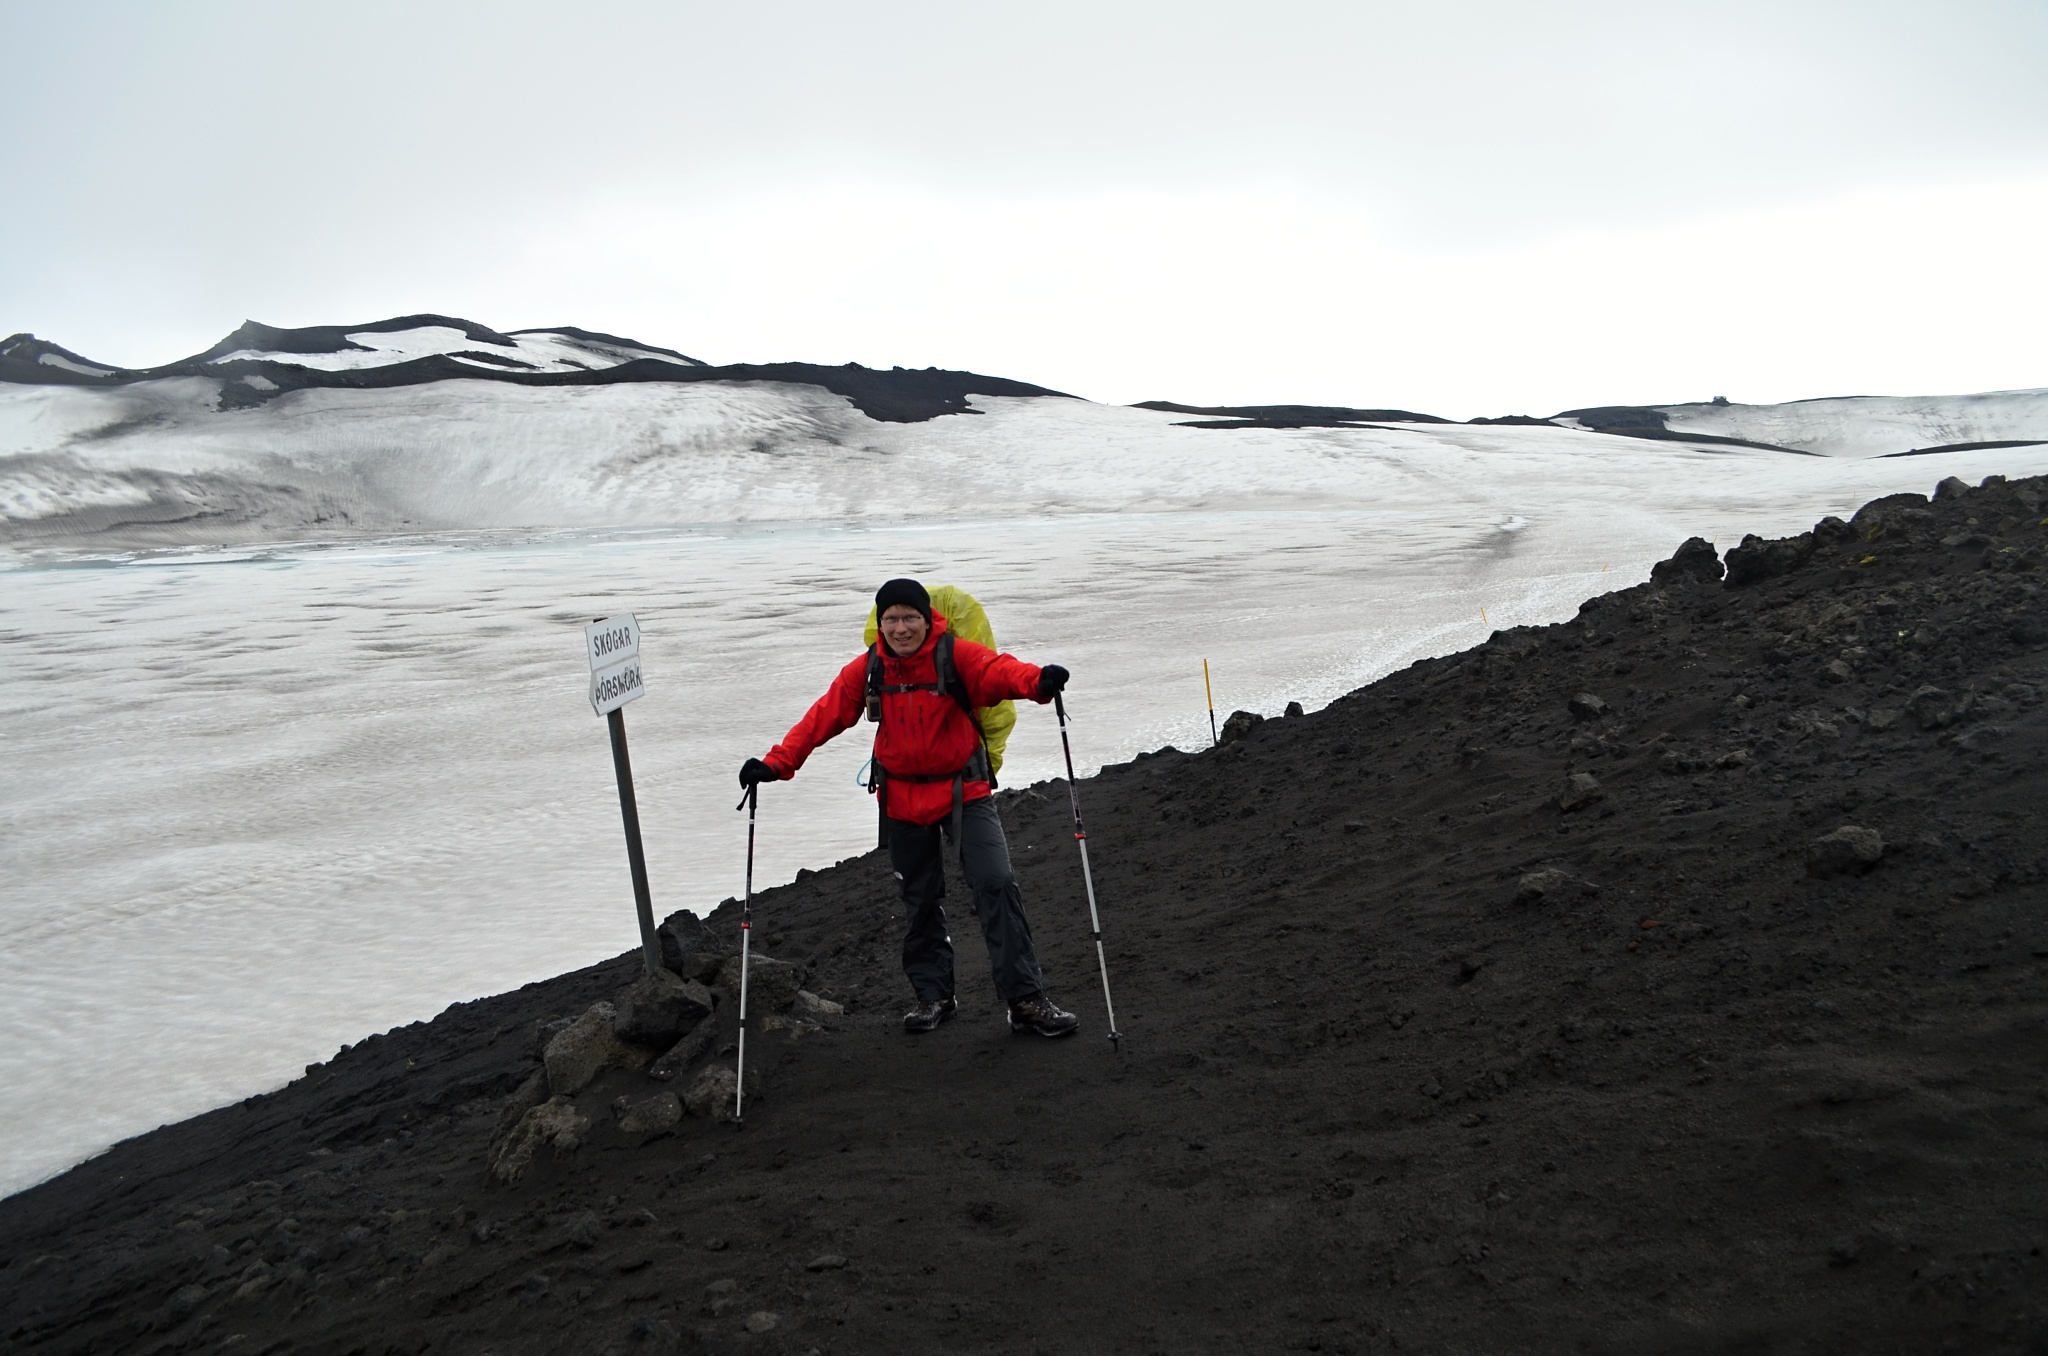 Turistické značení na Islandu